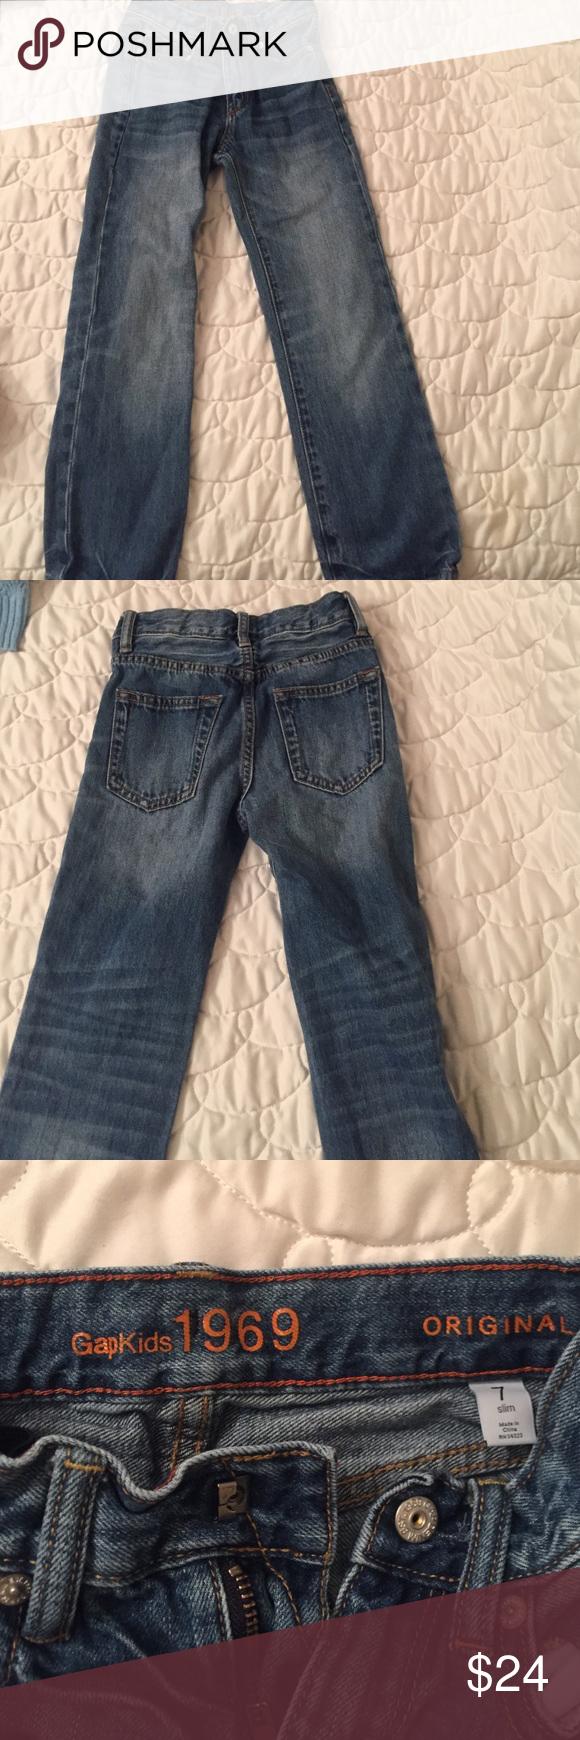 Boys Jeans slim fit Boys Gap Slim Fit Jeans GAP Bottoms Jeans